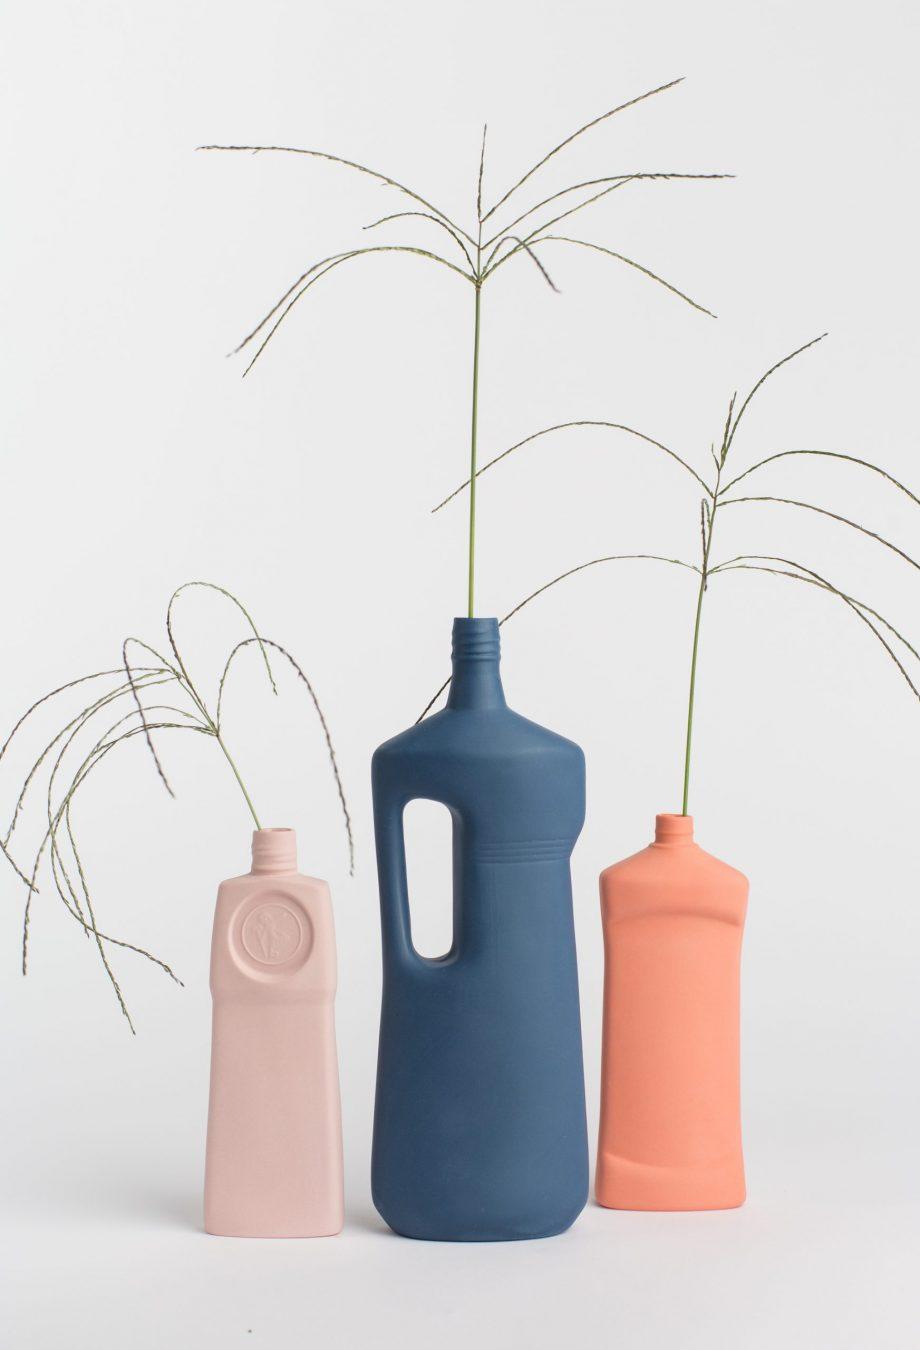 group photo three vases